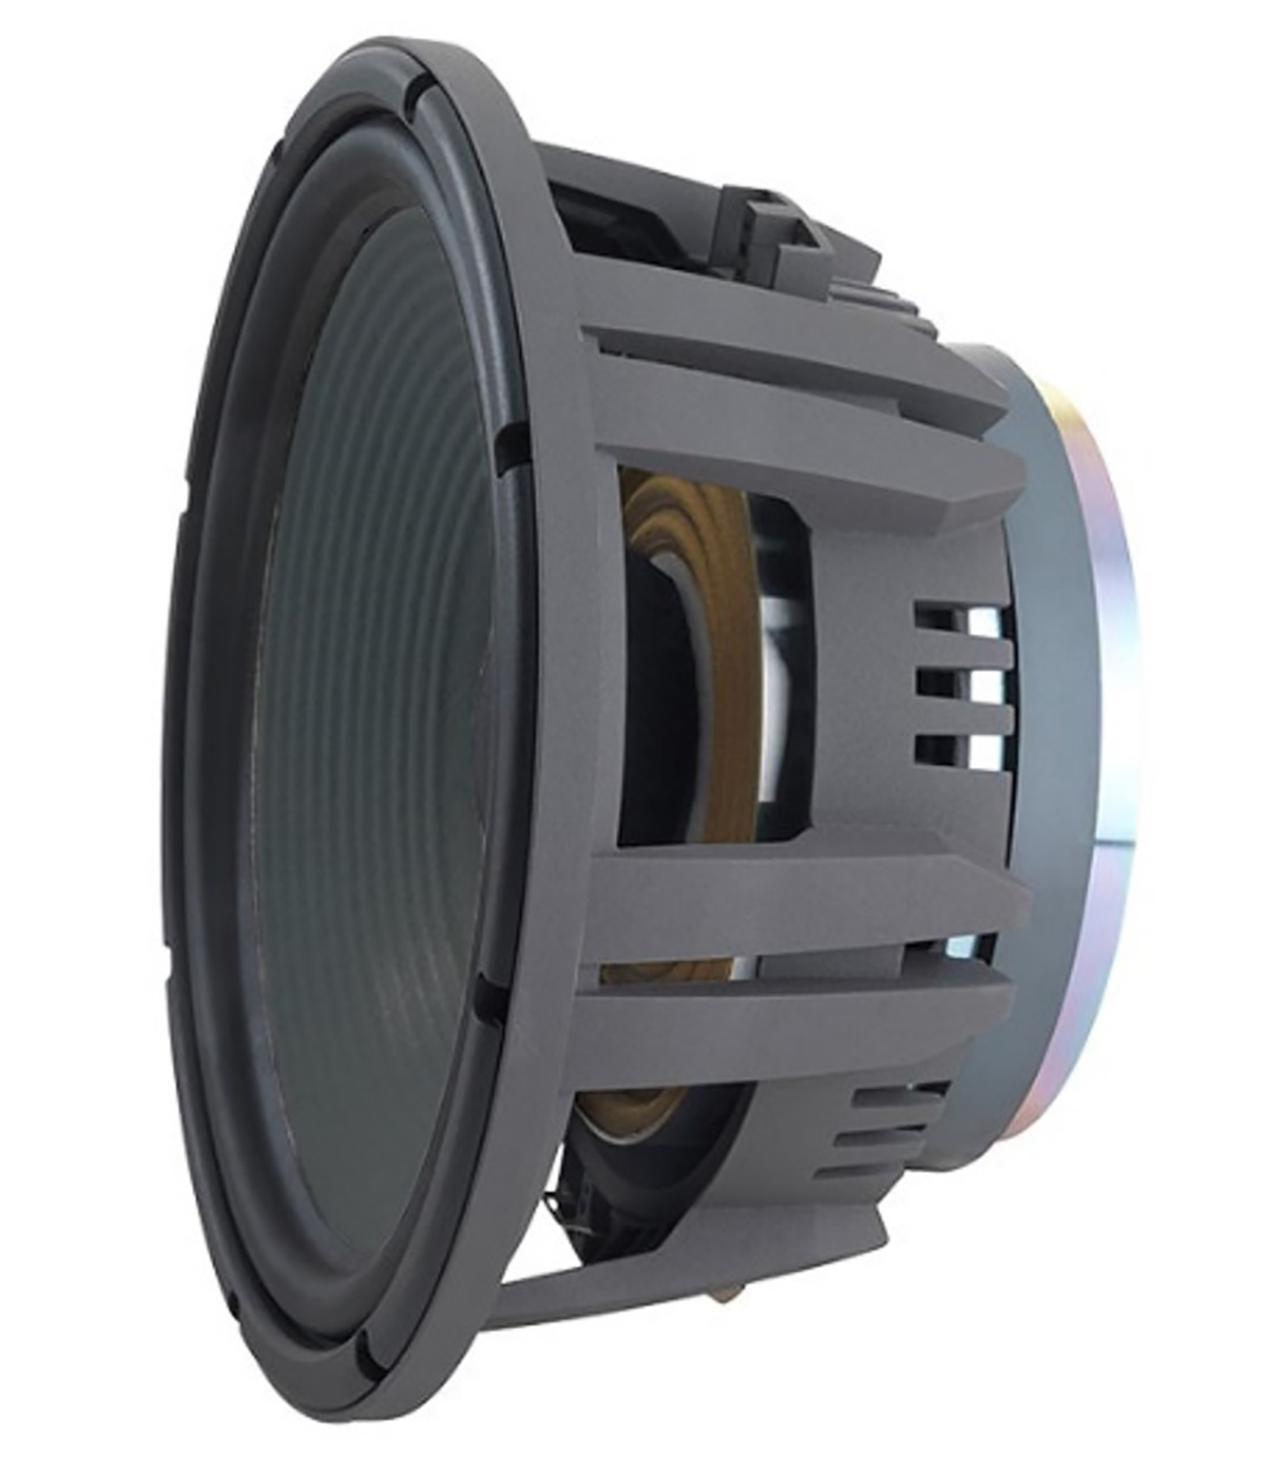 画像: 歴代のミドルサイズ・スタジオモニター搭載の1200FE系ユニットの伝統を継承し、さらに改良を施したウーファーがJW300PG-8。レスポンスのよさと超低歪特性を両立している